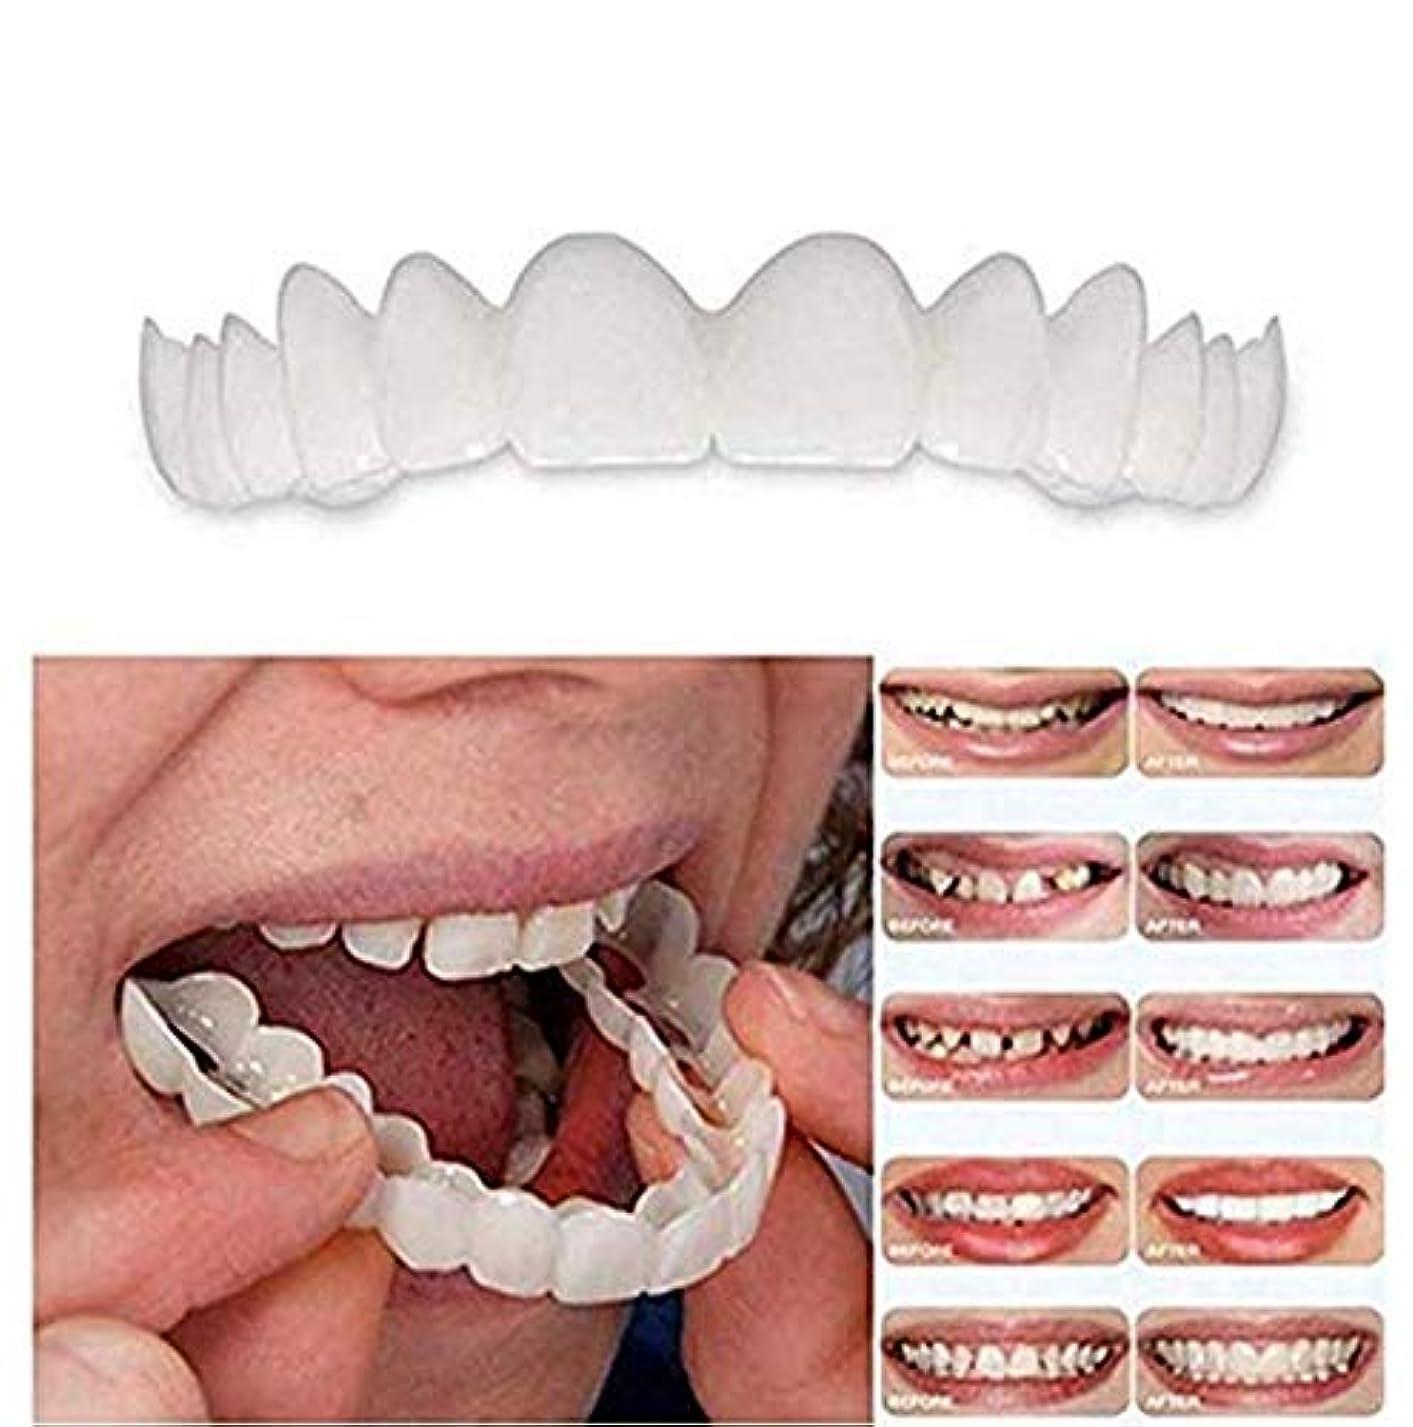 快適いう断言する2PCS /セット(上下上下の義歯インスタントスマイルコンフォートフィットフレックス化粧品歯のトップ化粧品突き板[エネルギークラスA]